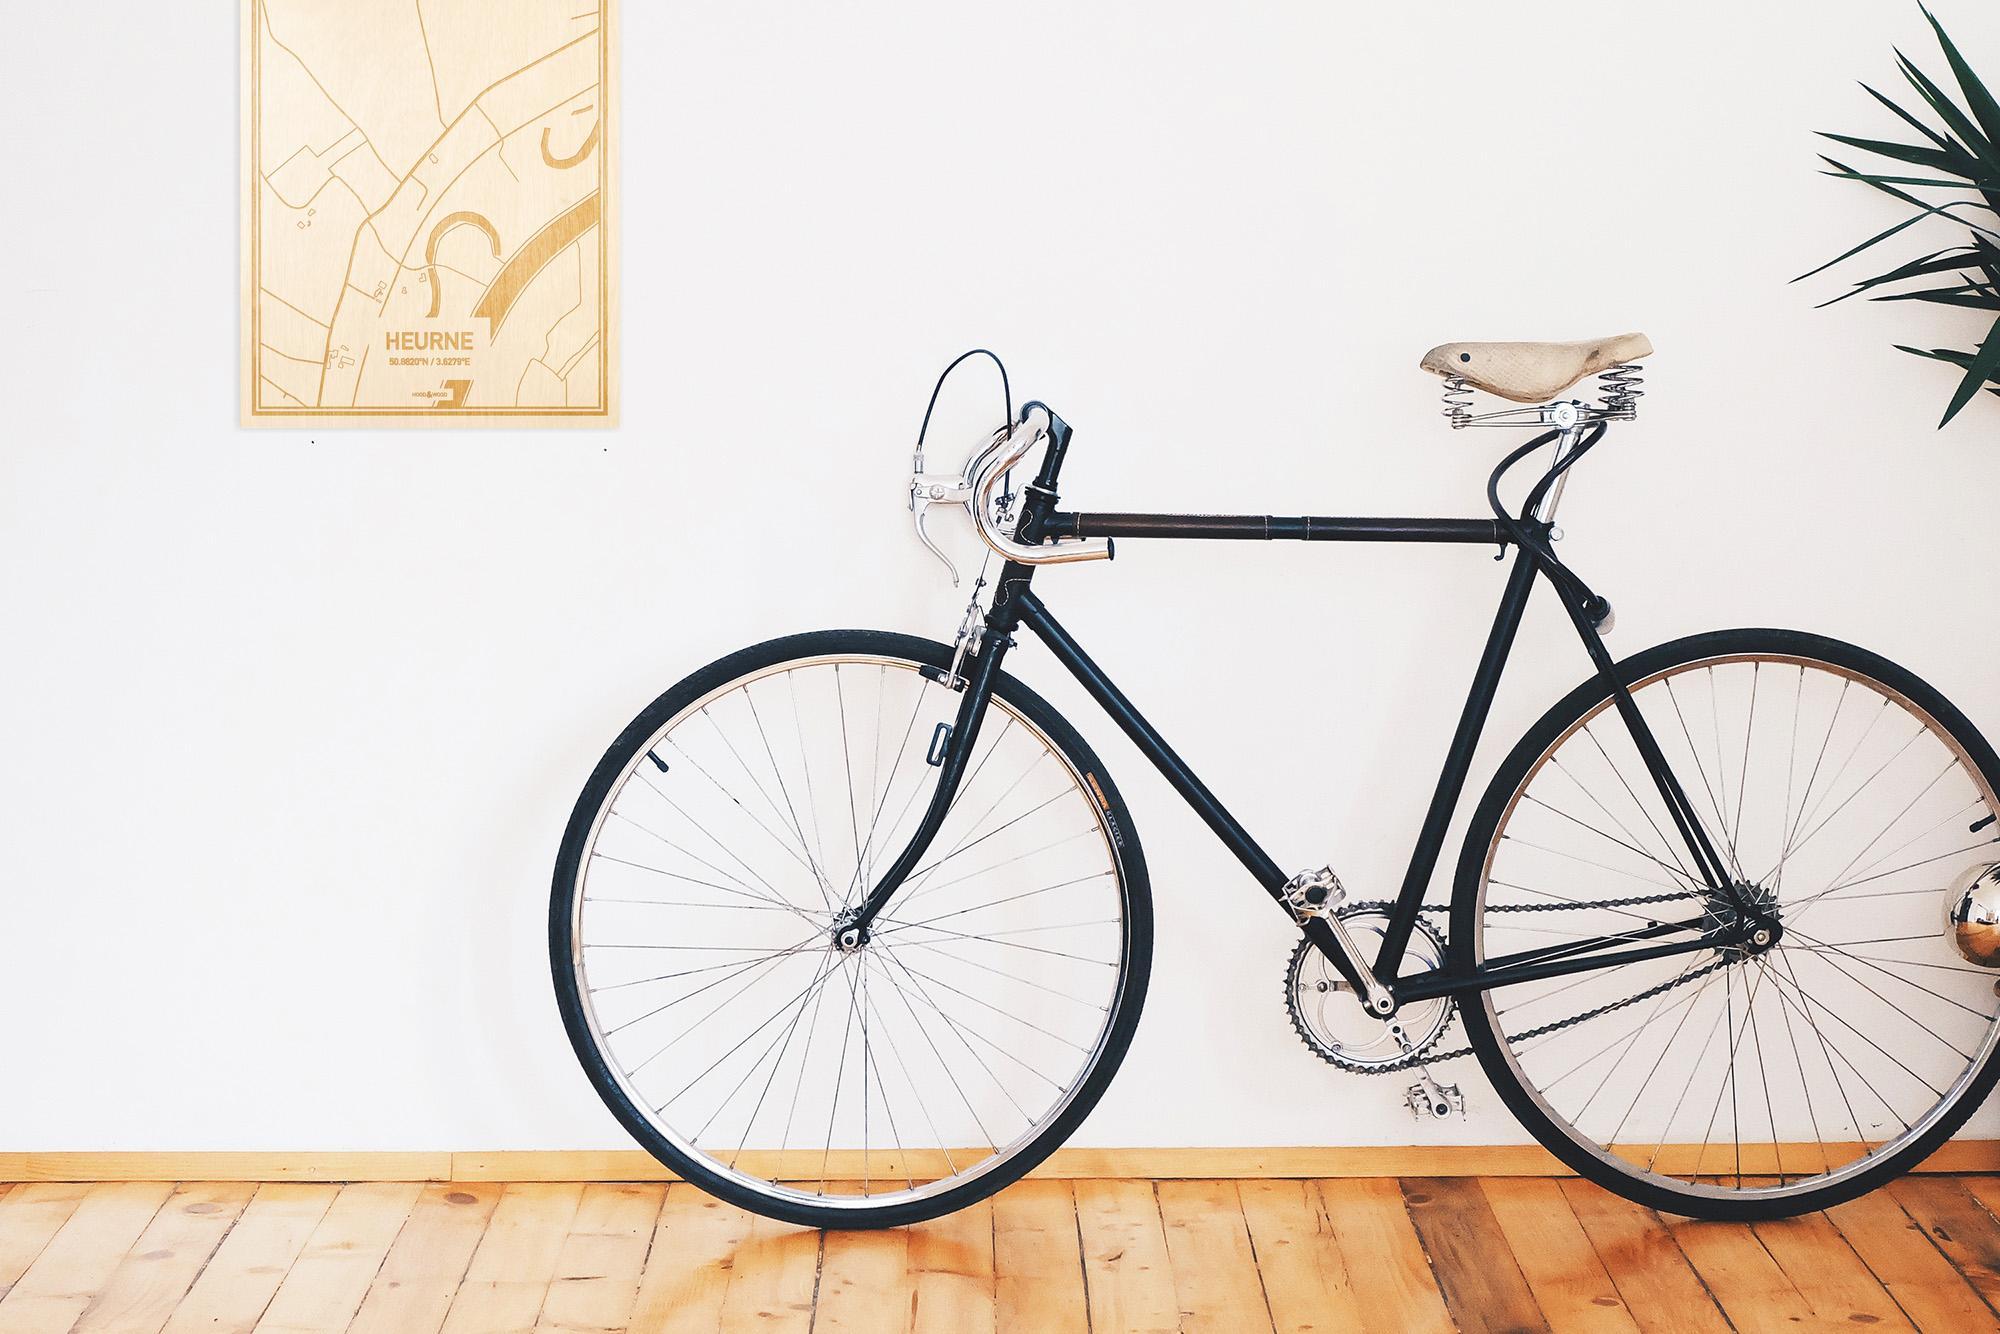 Een snelle fiets in een uniek interieur in Oost-Vlaanderen  met mooie decoratie zoals de plattegrond Heurne.